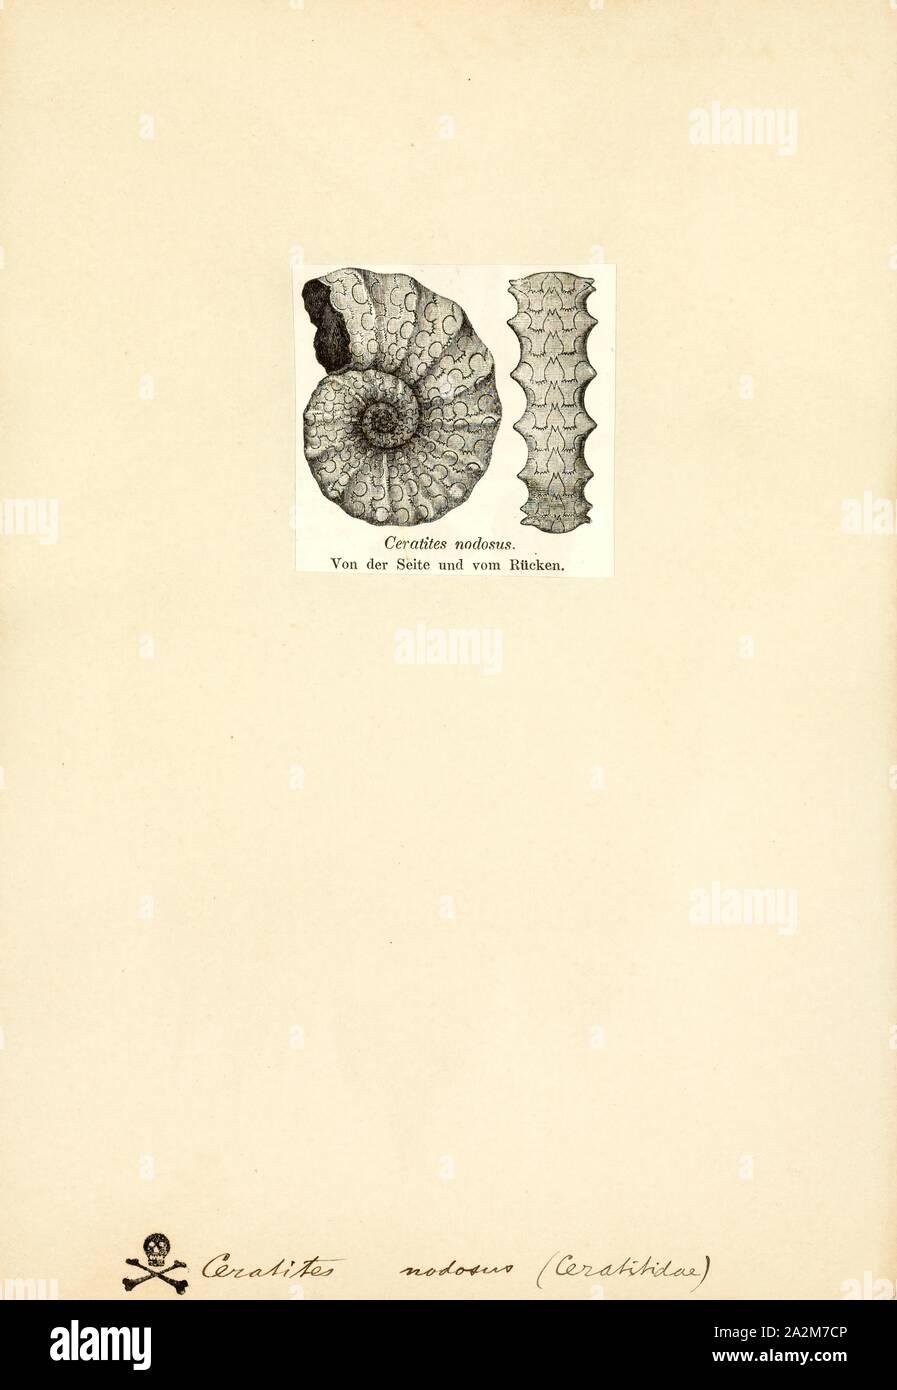 Ceratiten nodosus, Drucken, Ceratiten, ist eine ausgestorbene Gattung der Ammoniter Kopffüßer. Diese nektonic Raubtiere in marinen Lebensräumen in Europa, Asien und Nordamerika, während der Trias, von Anis zu Ladinian Alter Stockfoto